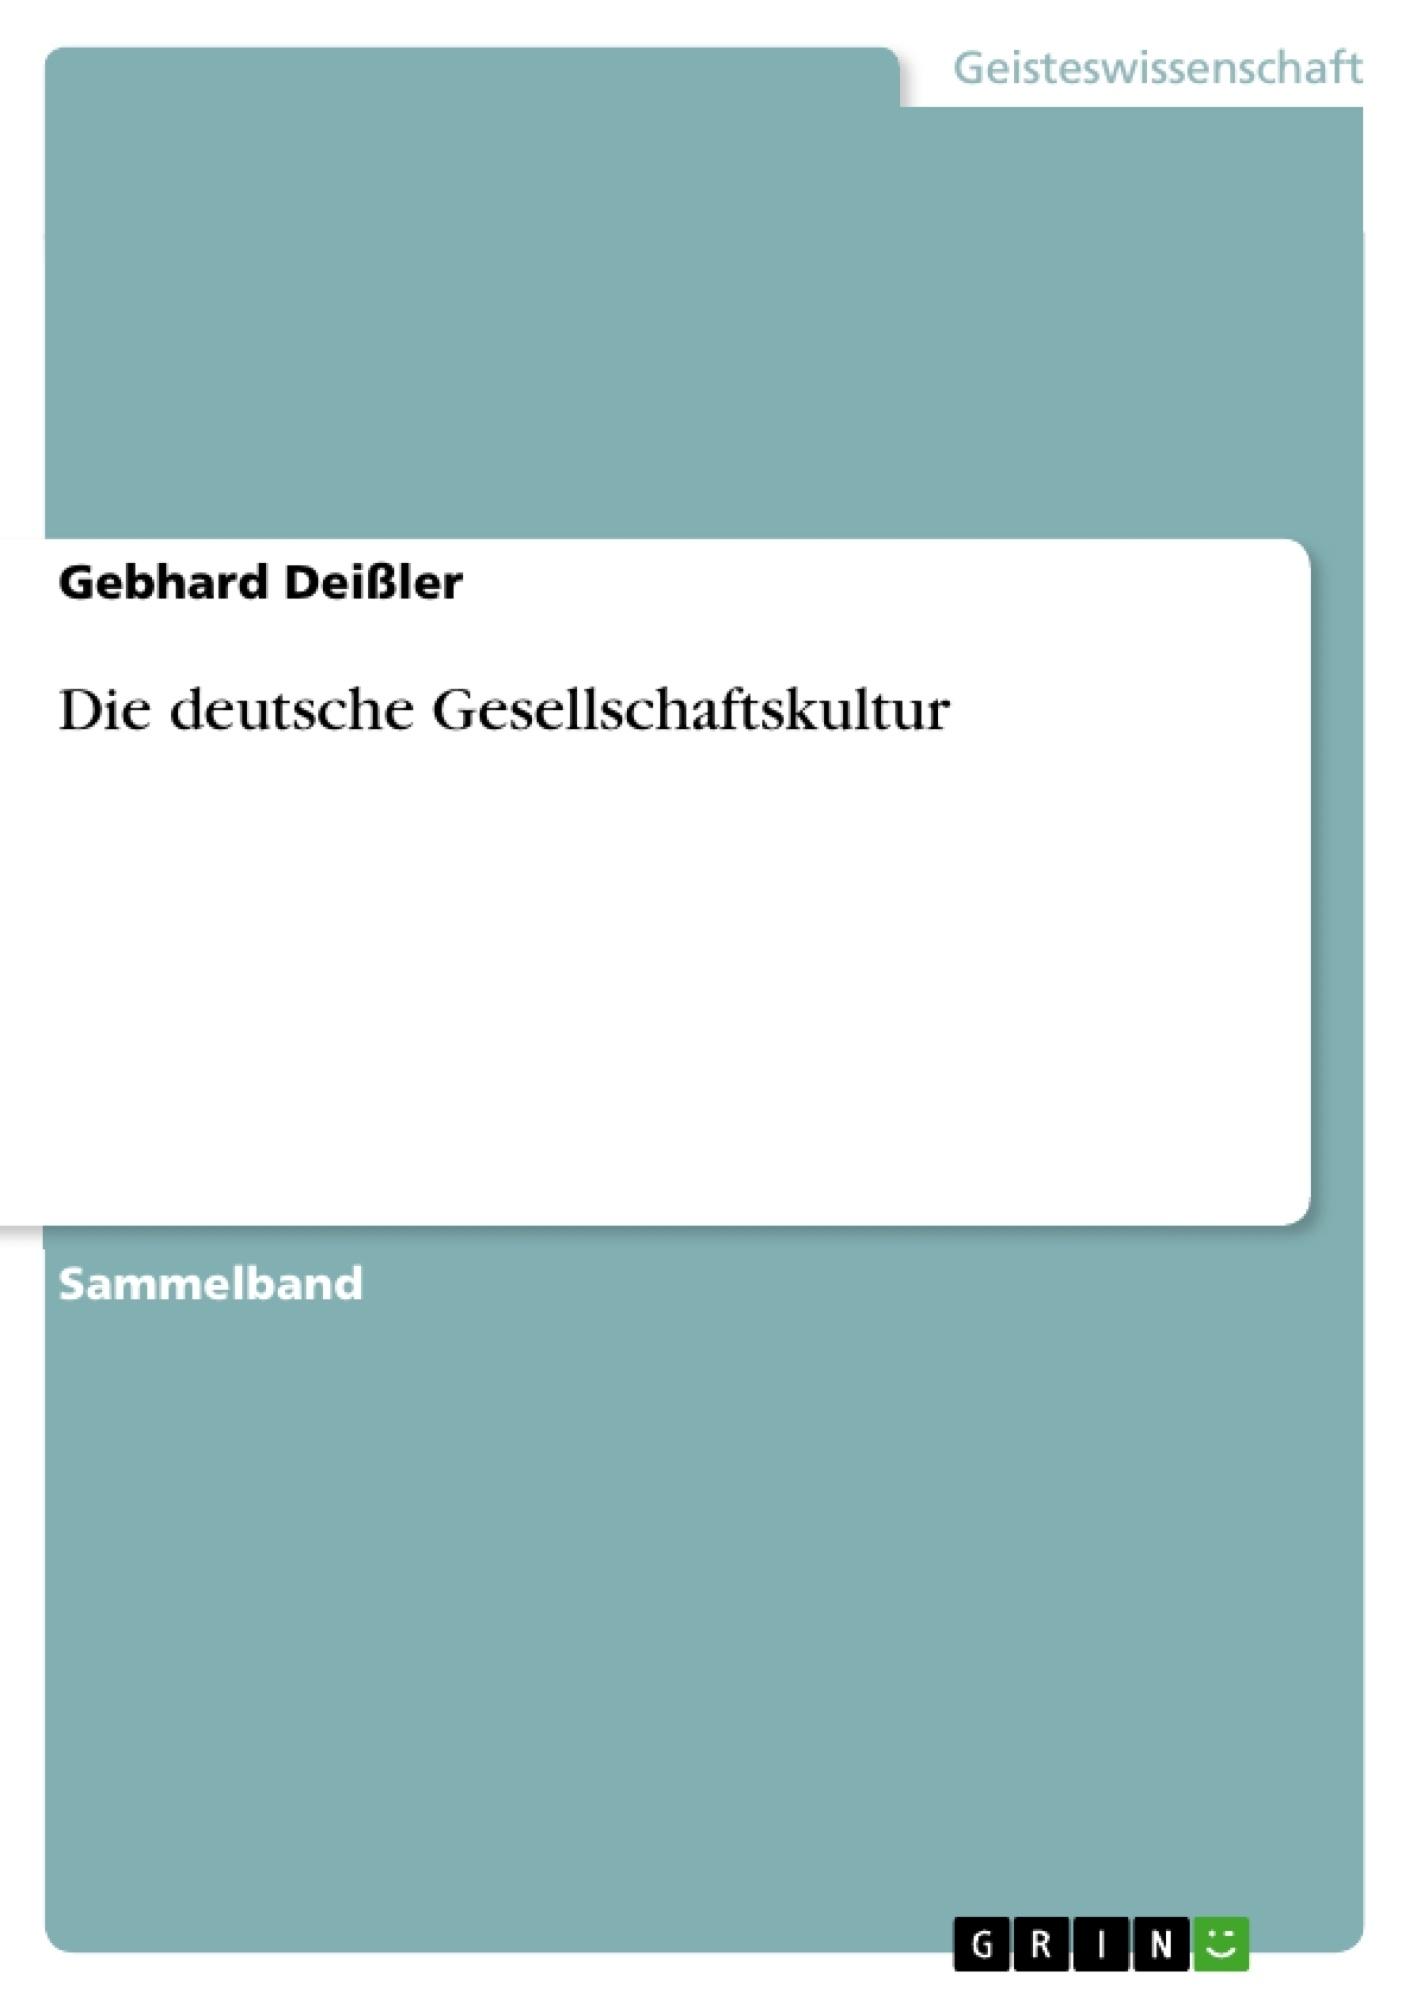 Titel: Die deutsche Gesellschaftskultur